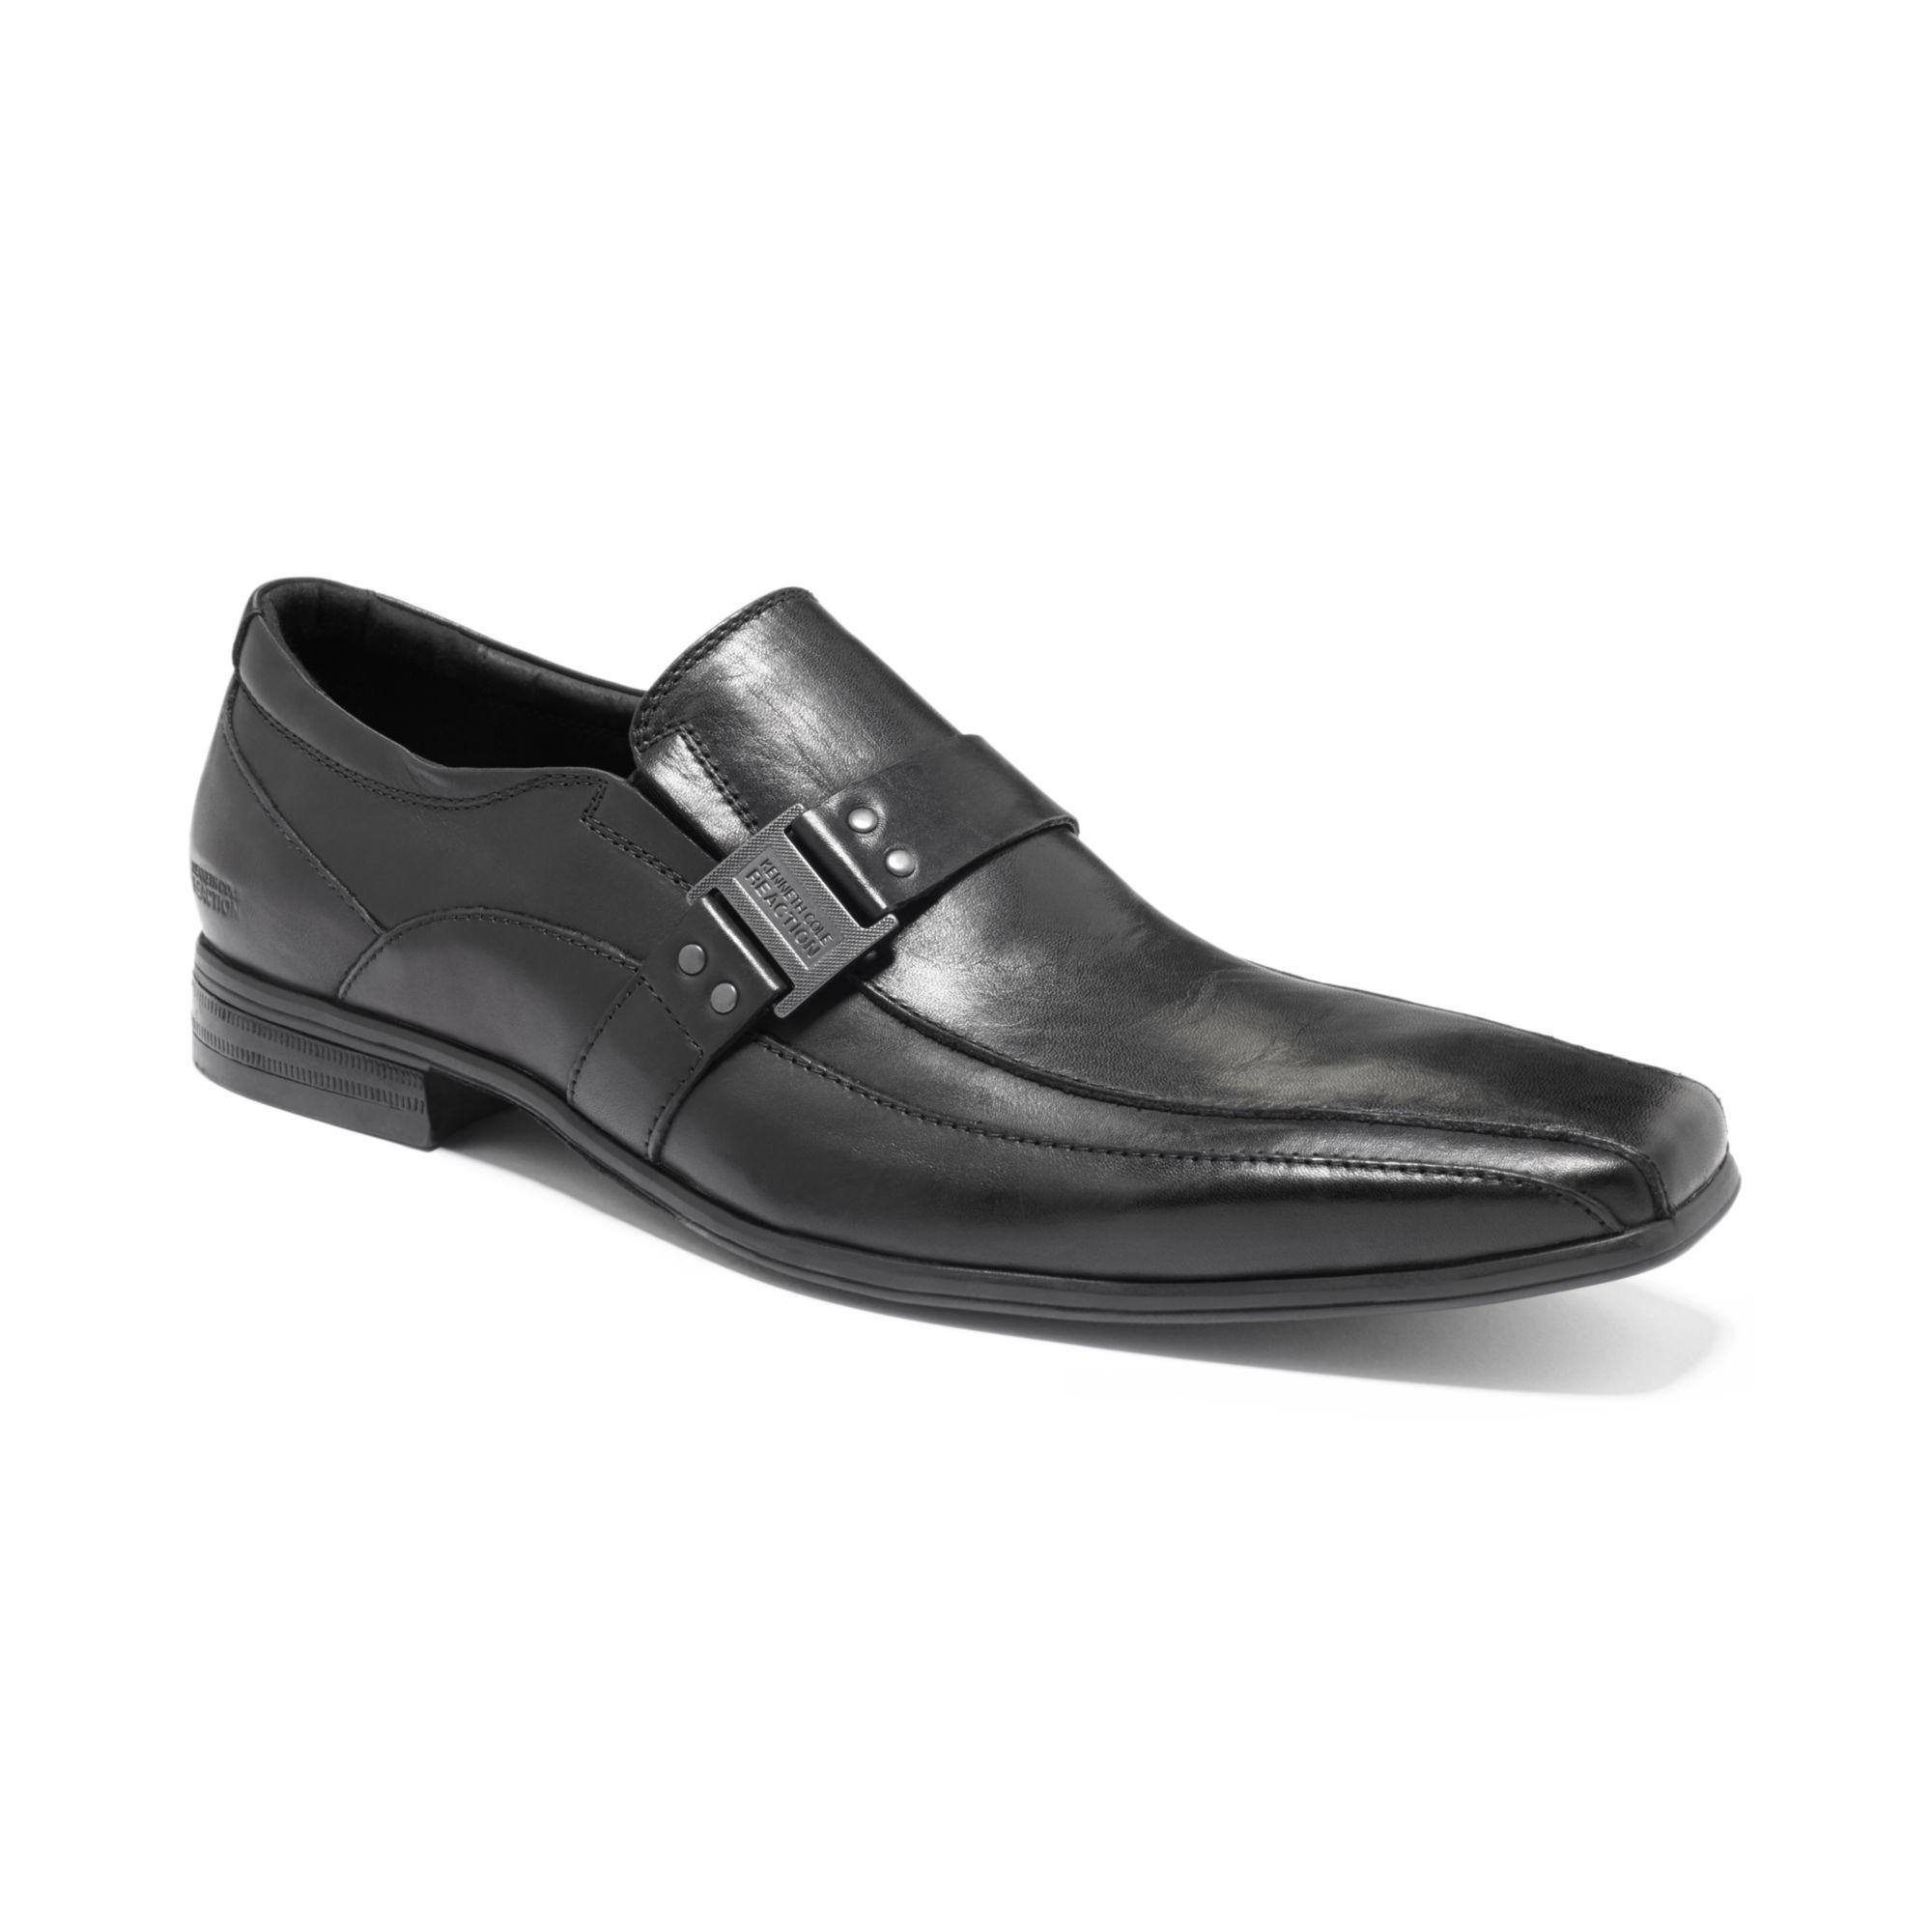 Kenneth Cole Reaction Men S Shoes Black